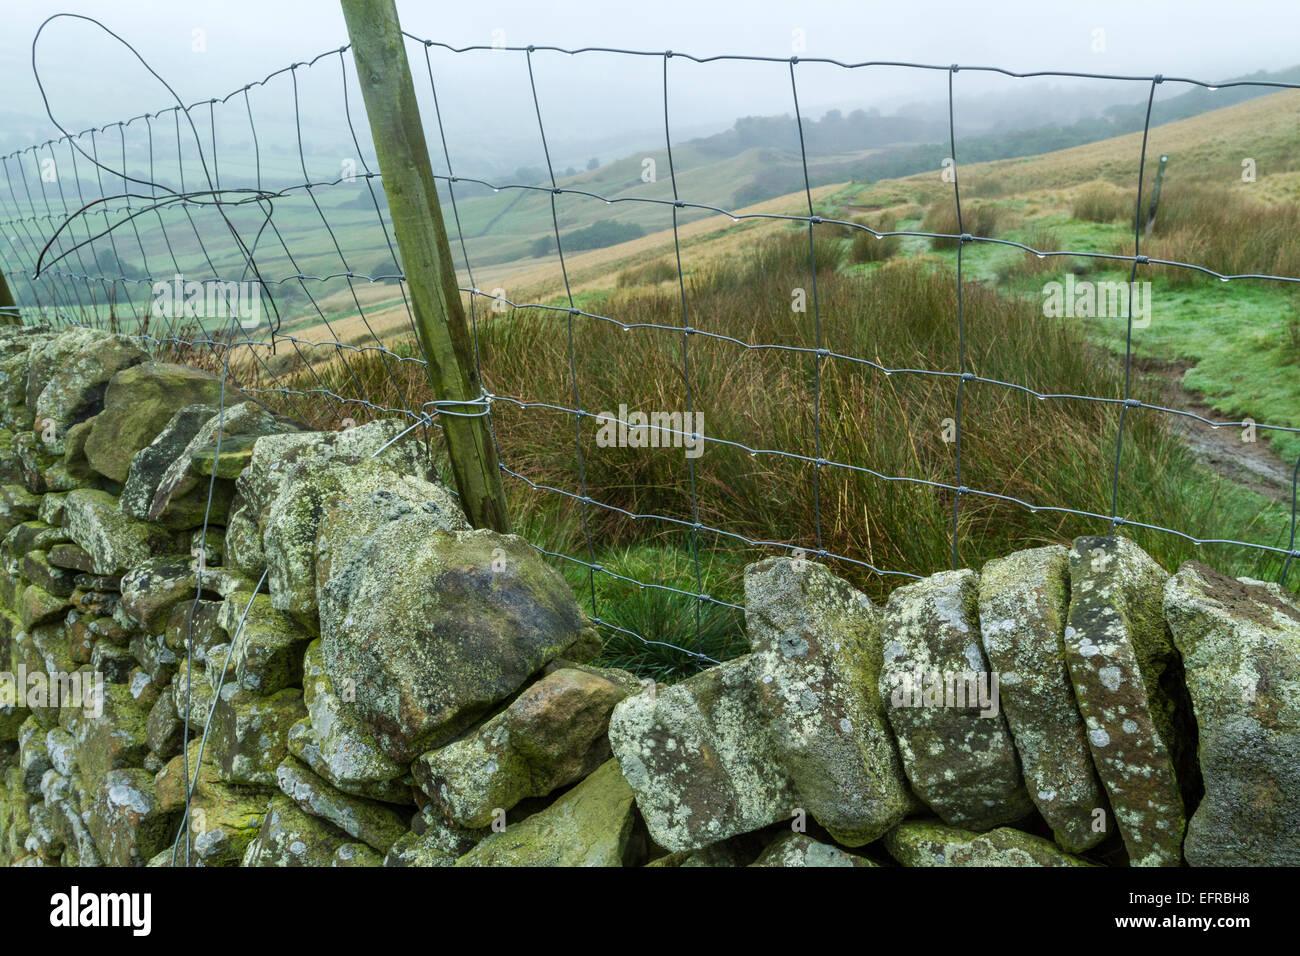 Des grillages et un mur de pierre, Derbyshire Peak District National Park, Angleterre, RU Photo Stock